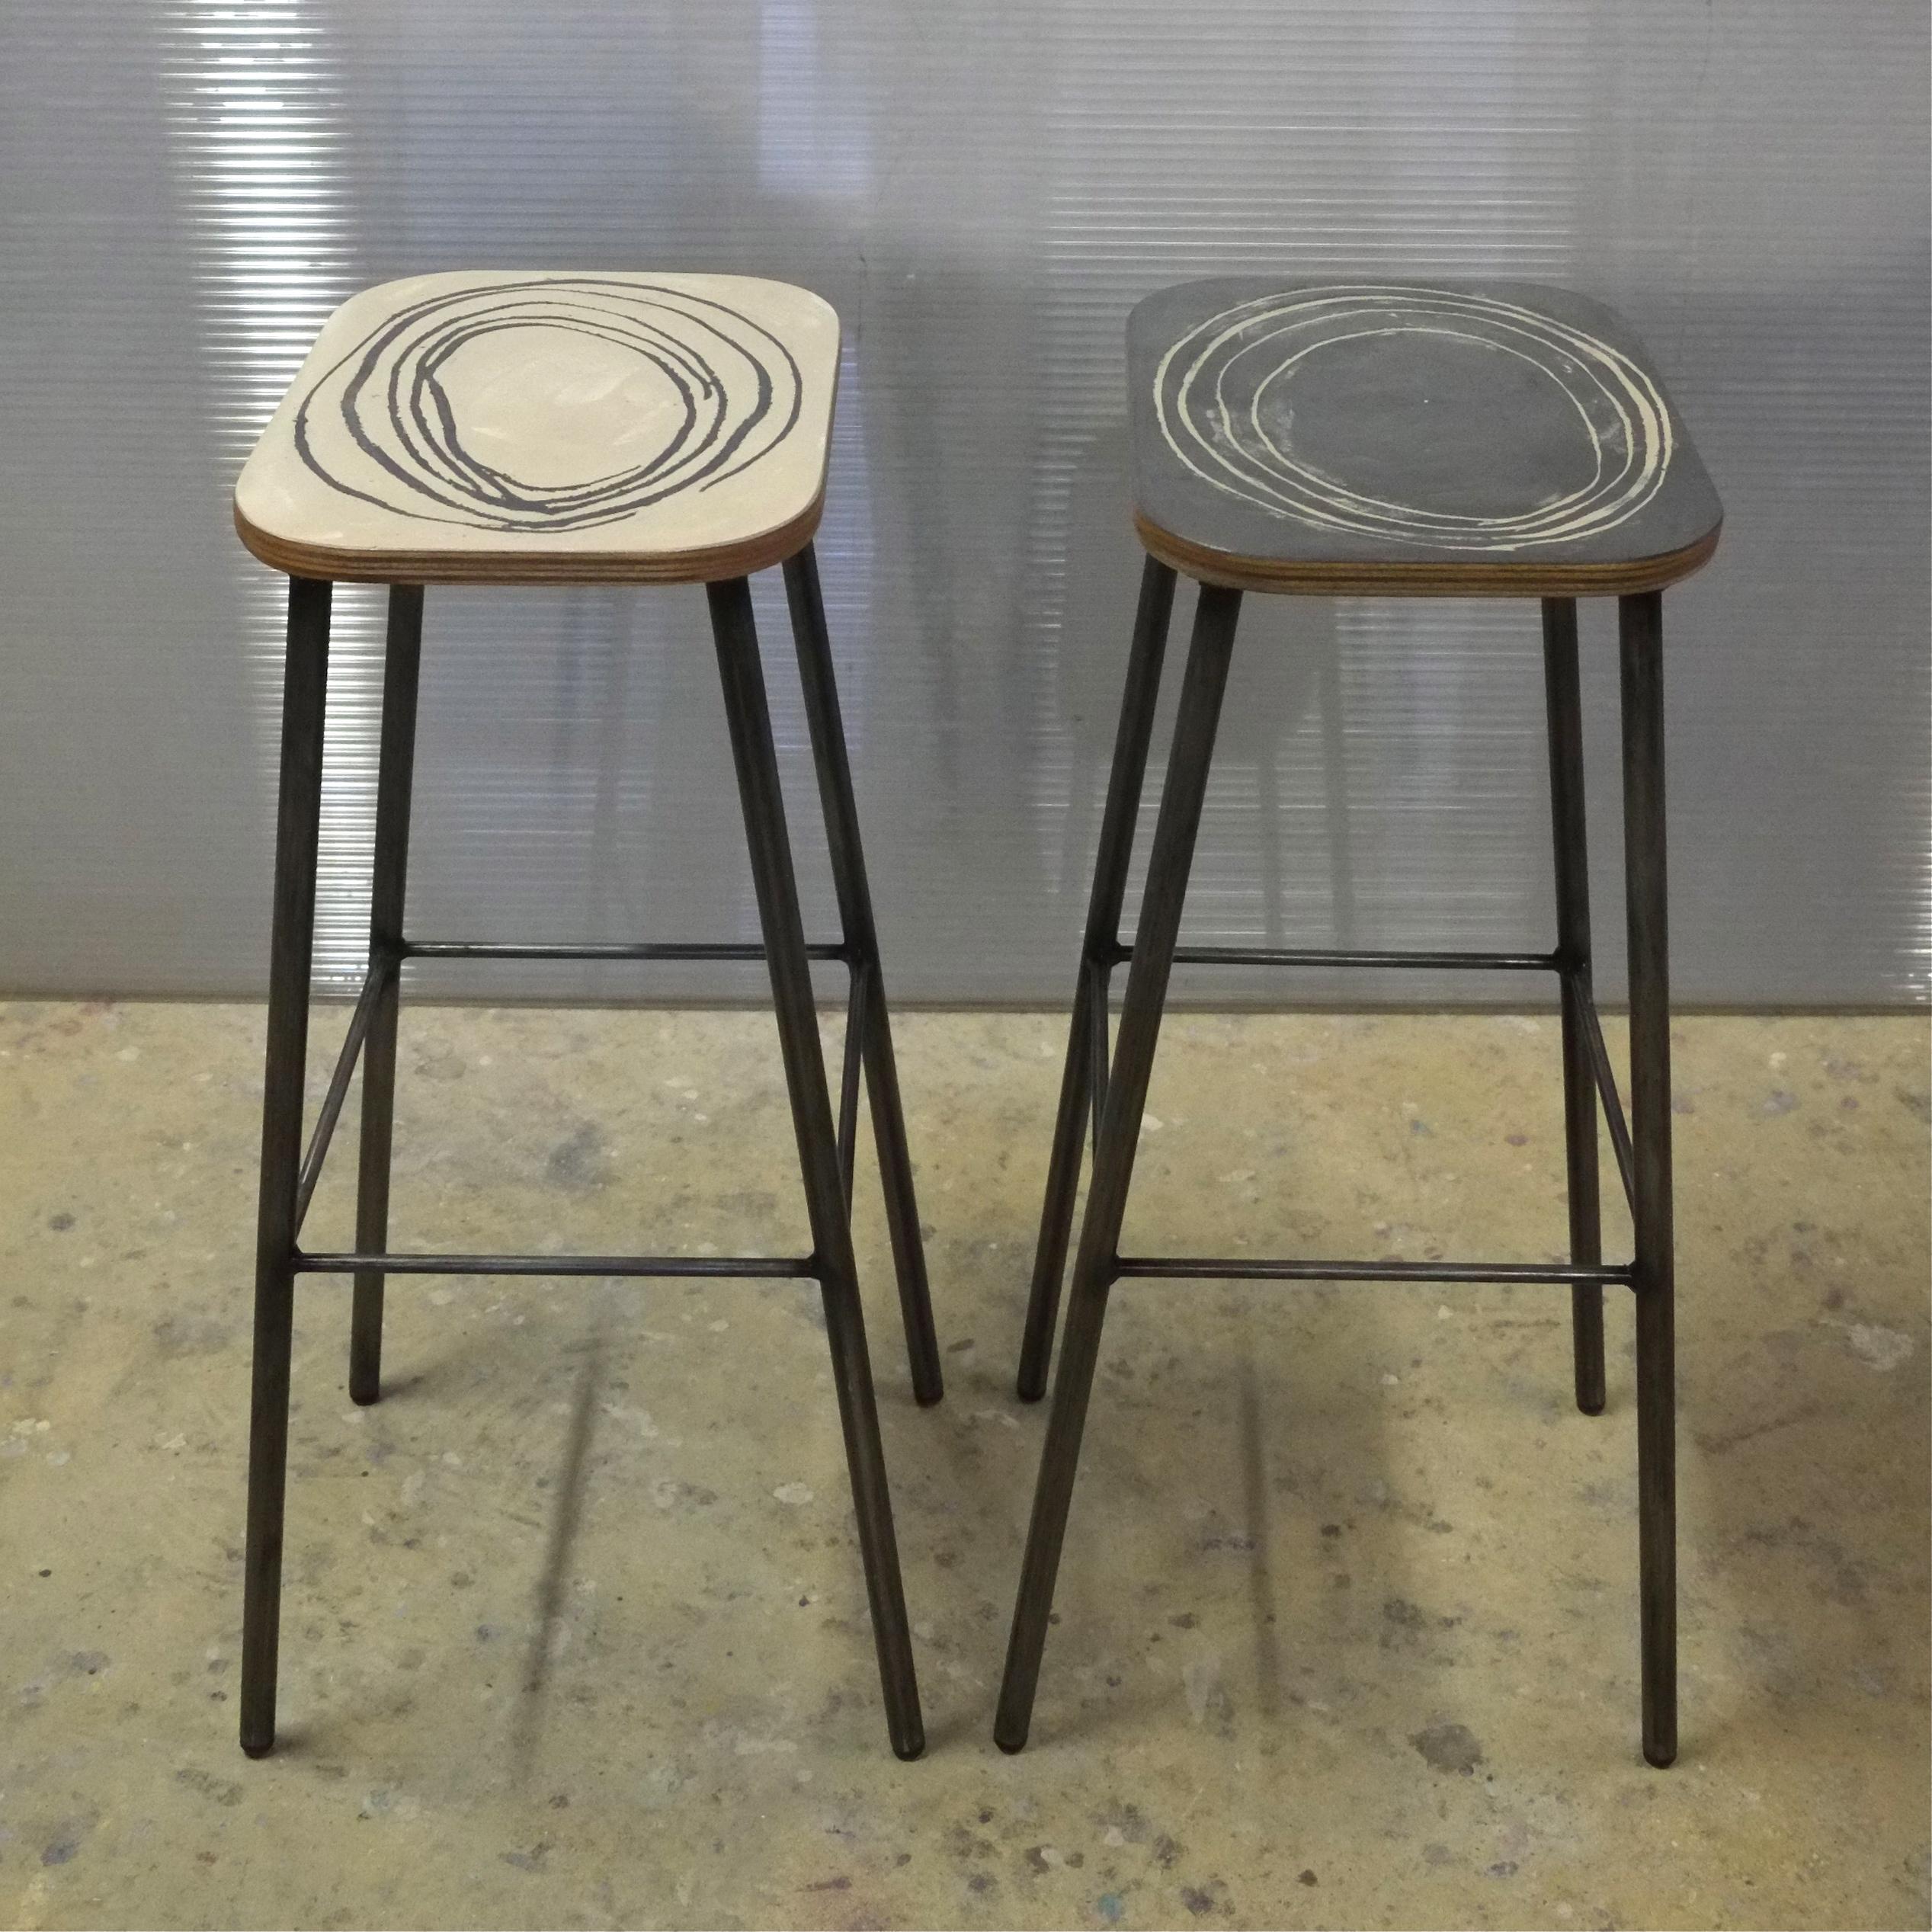 tabouret haut sur mesure okapi - meubles industriel | anna colore